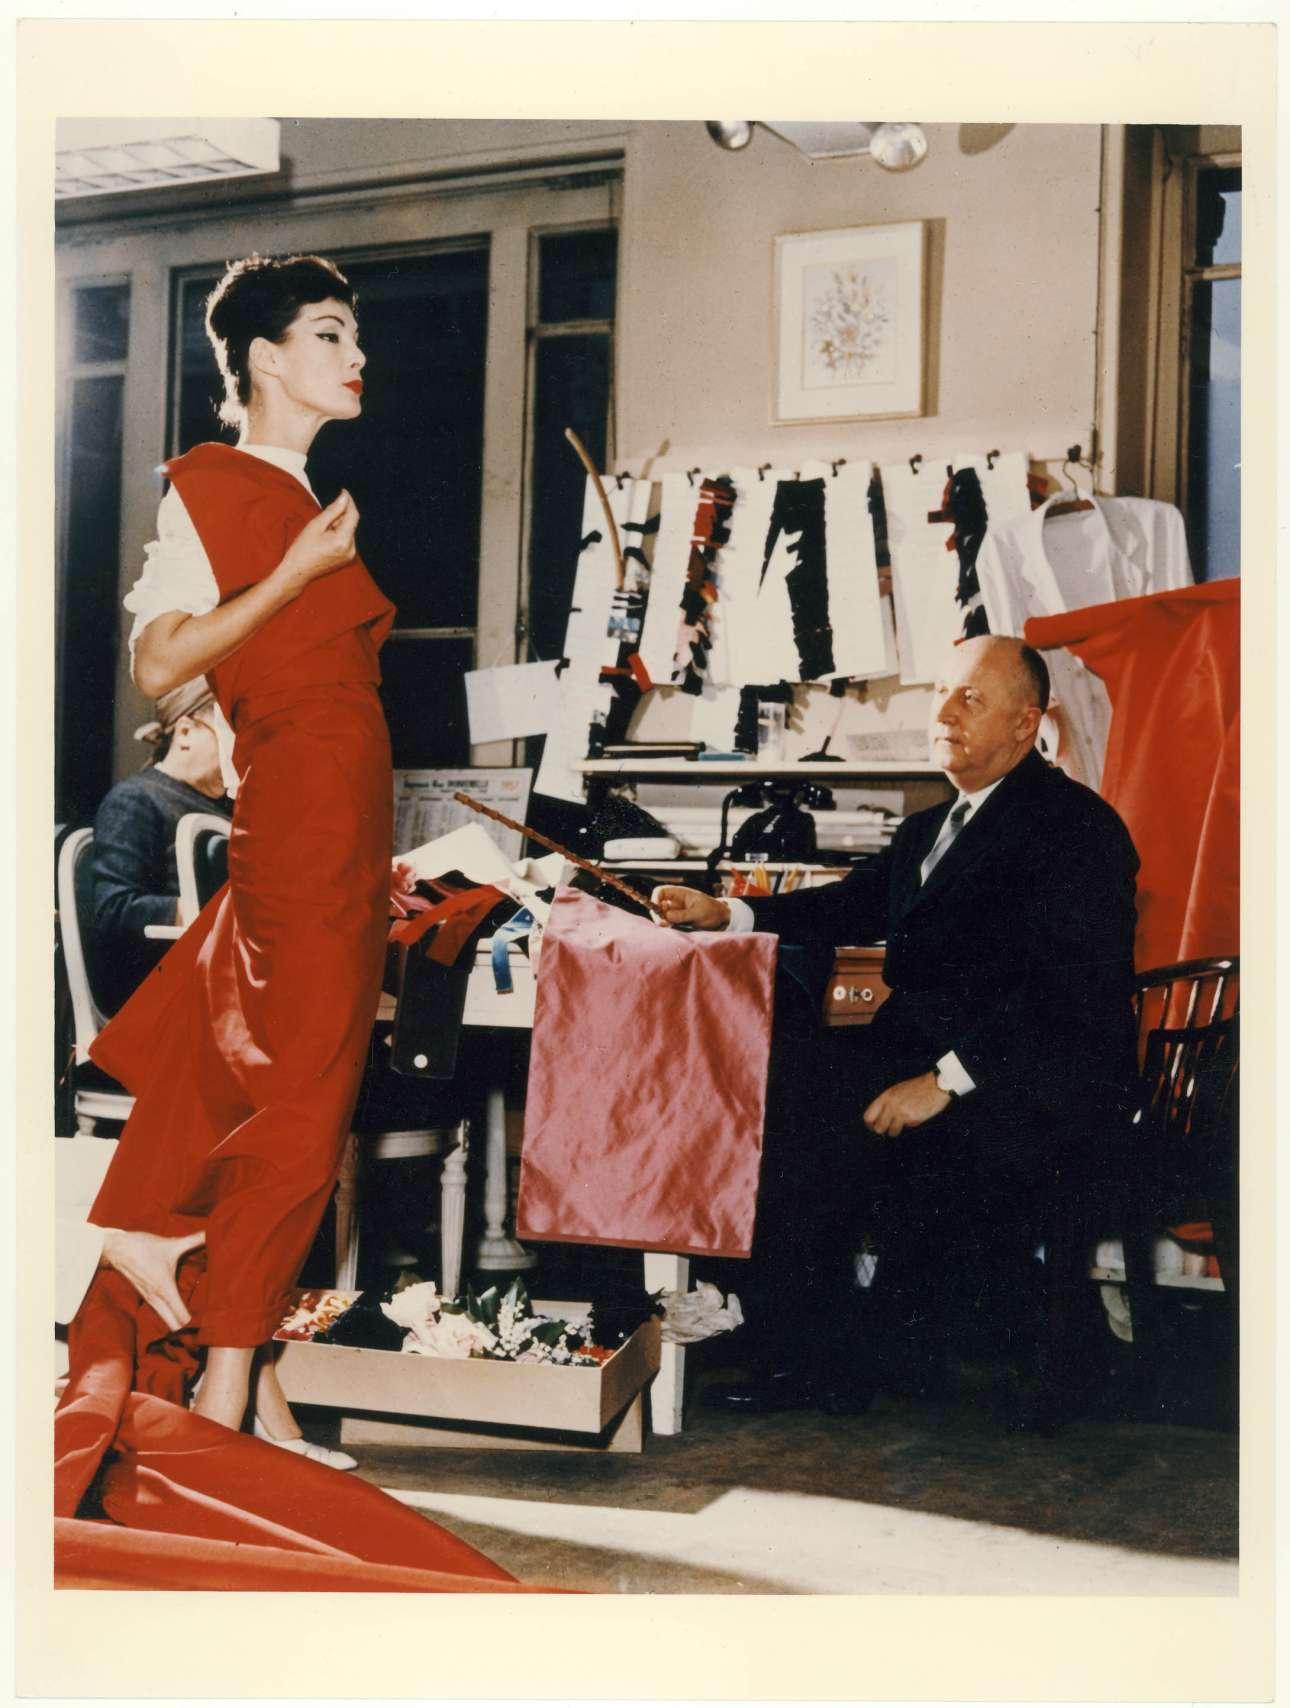 Ο Κριστιάν Ντιόρ εν δράσει με το μοντέλο Λάκι, το 1955